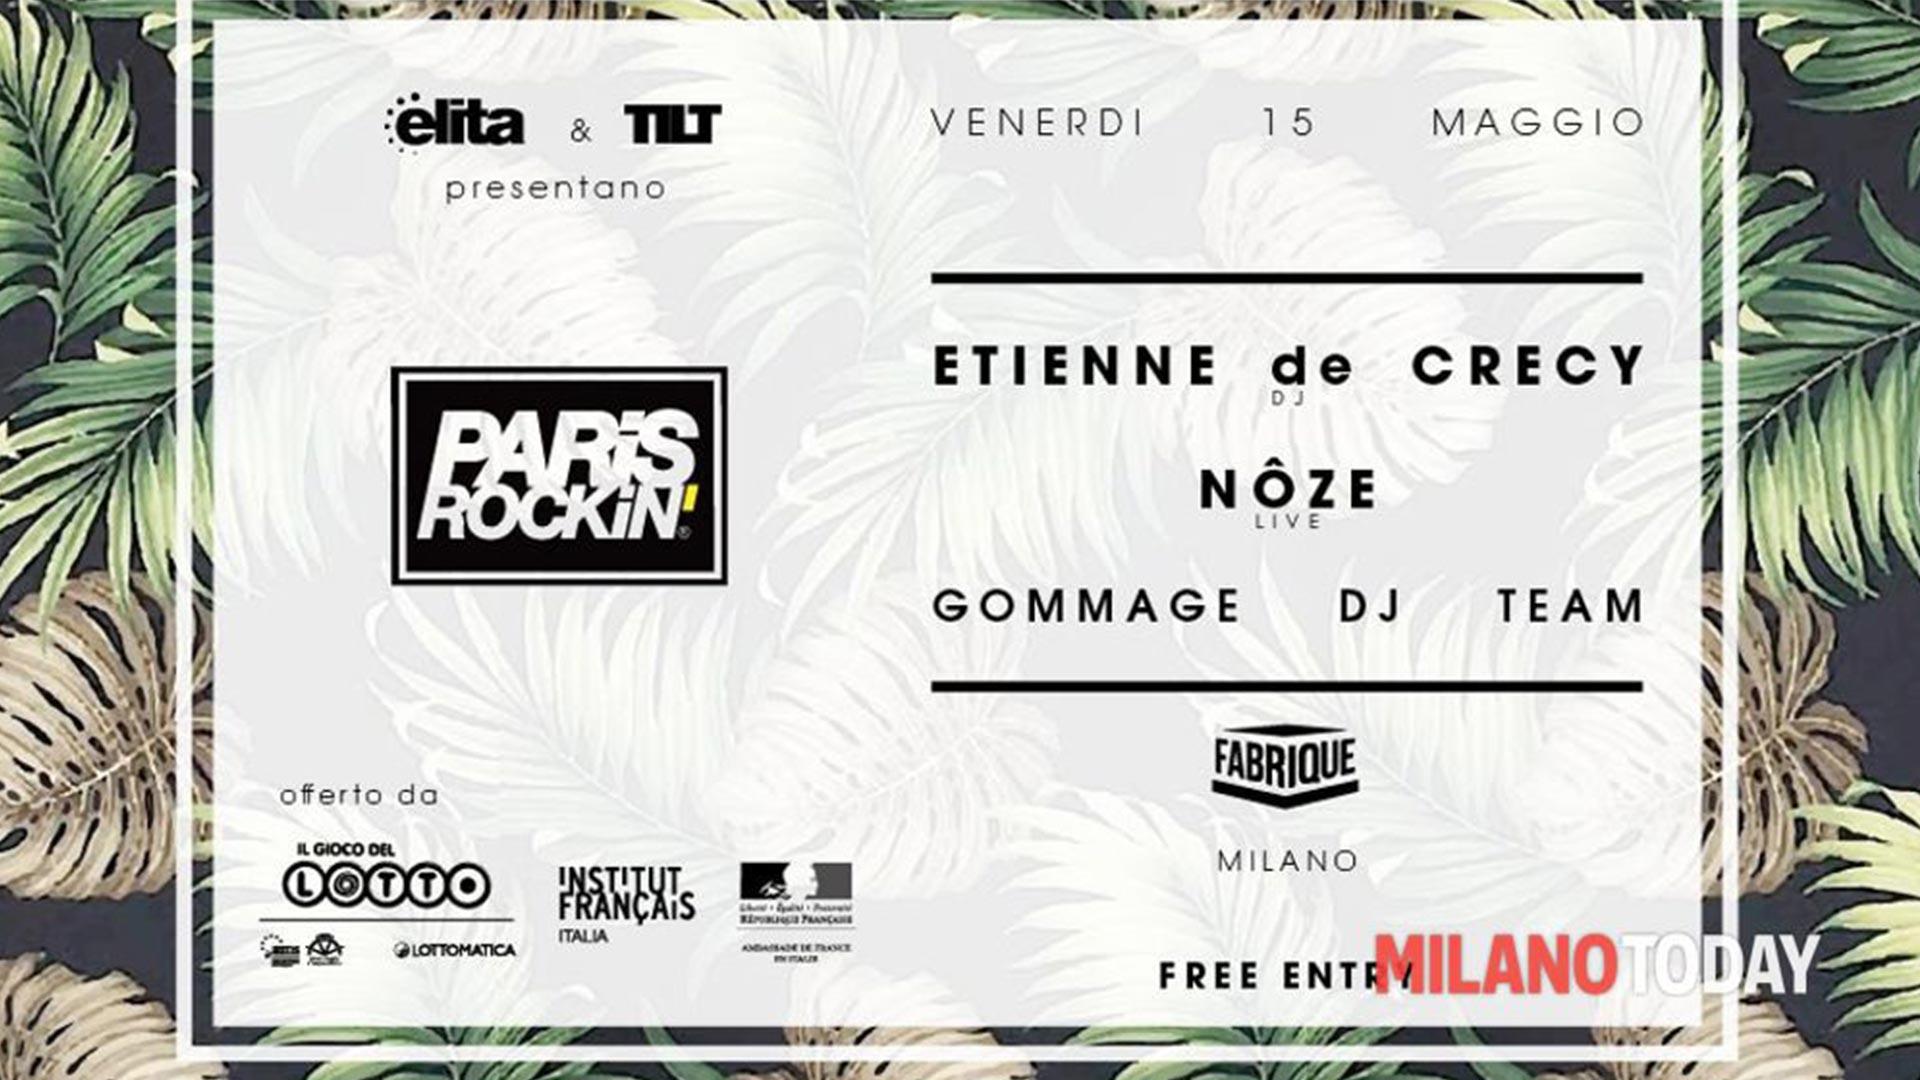 La Francia in Scena 2015 | Paris Rockin' Milano – Etienne de CrécyetNôze  | LPM 2015 > 2018